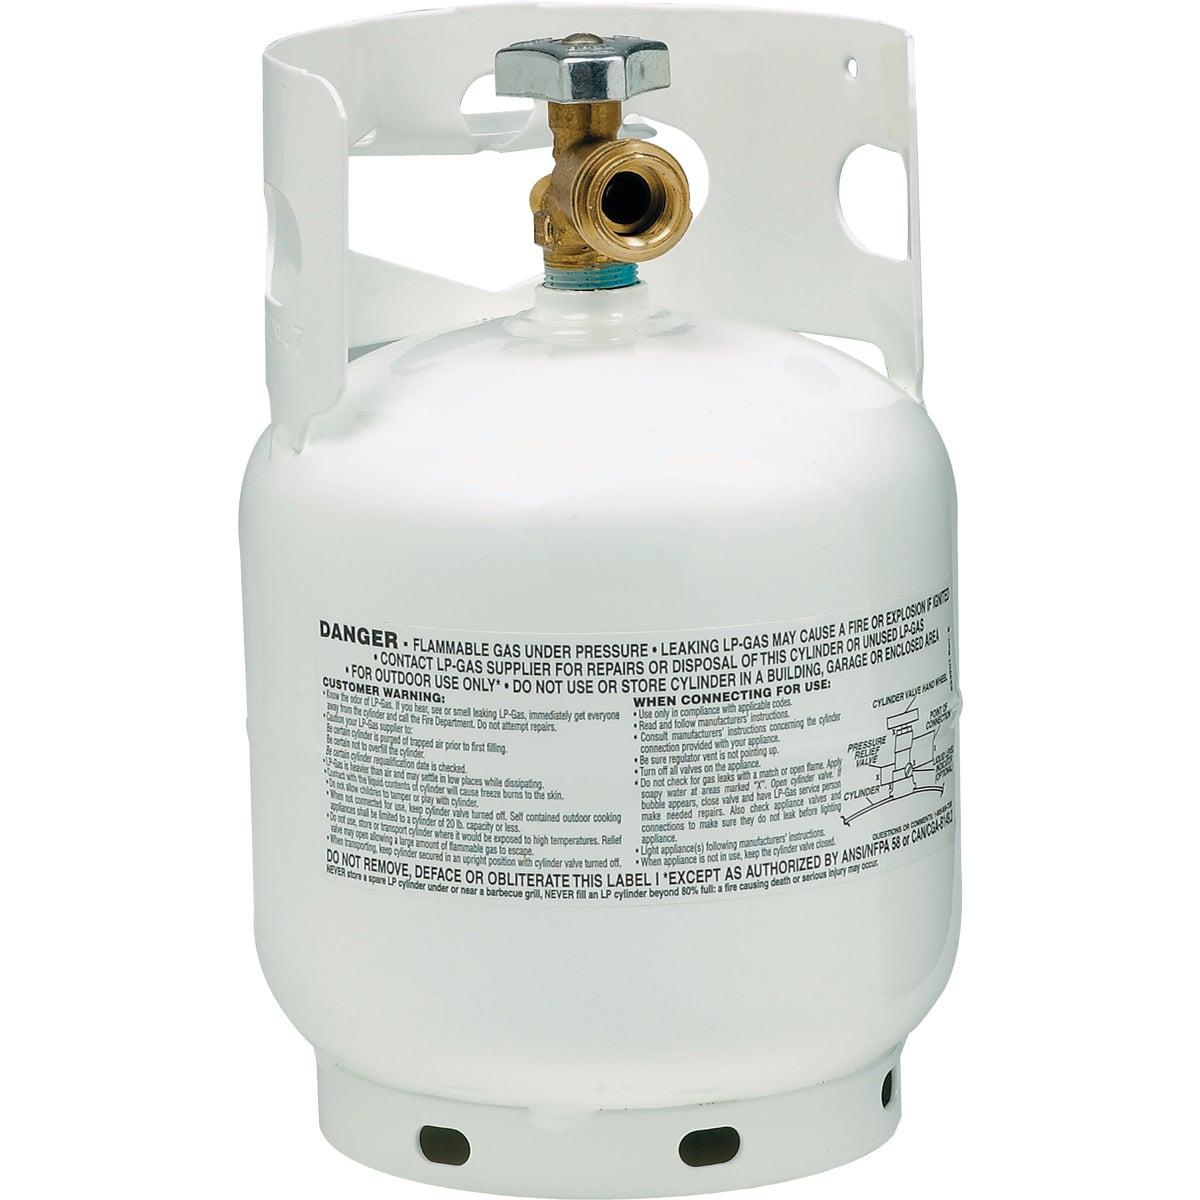 Worthington Cylinder 4.25LB PROPANE CYLINDER 281149